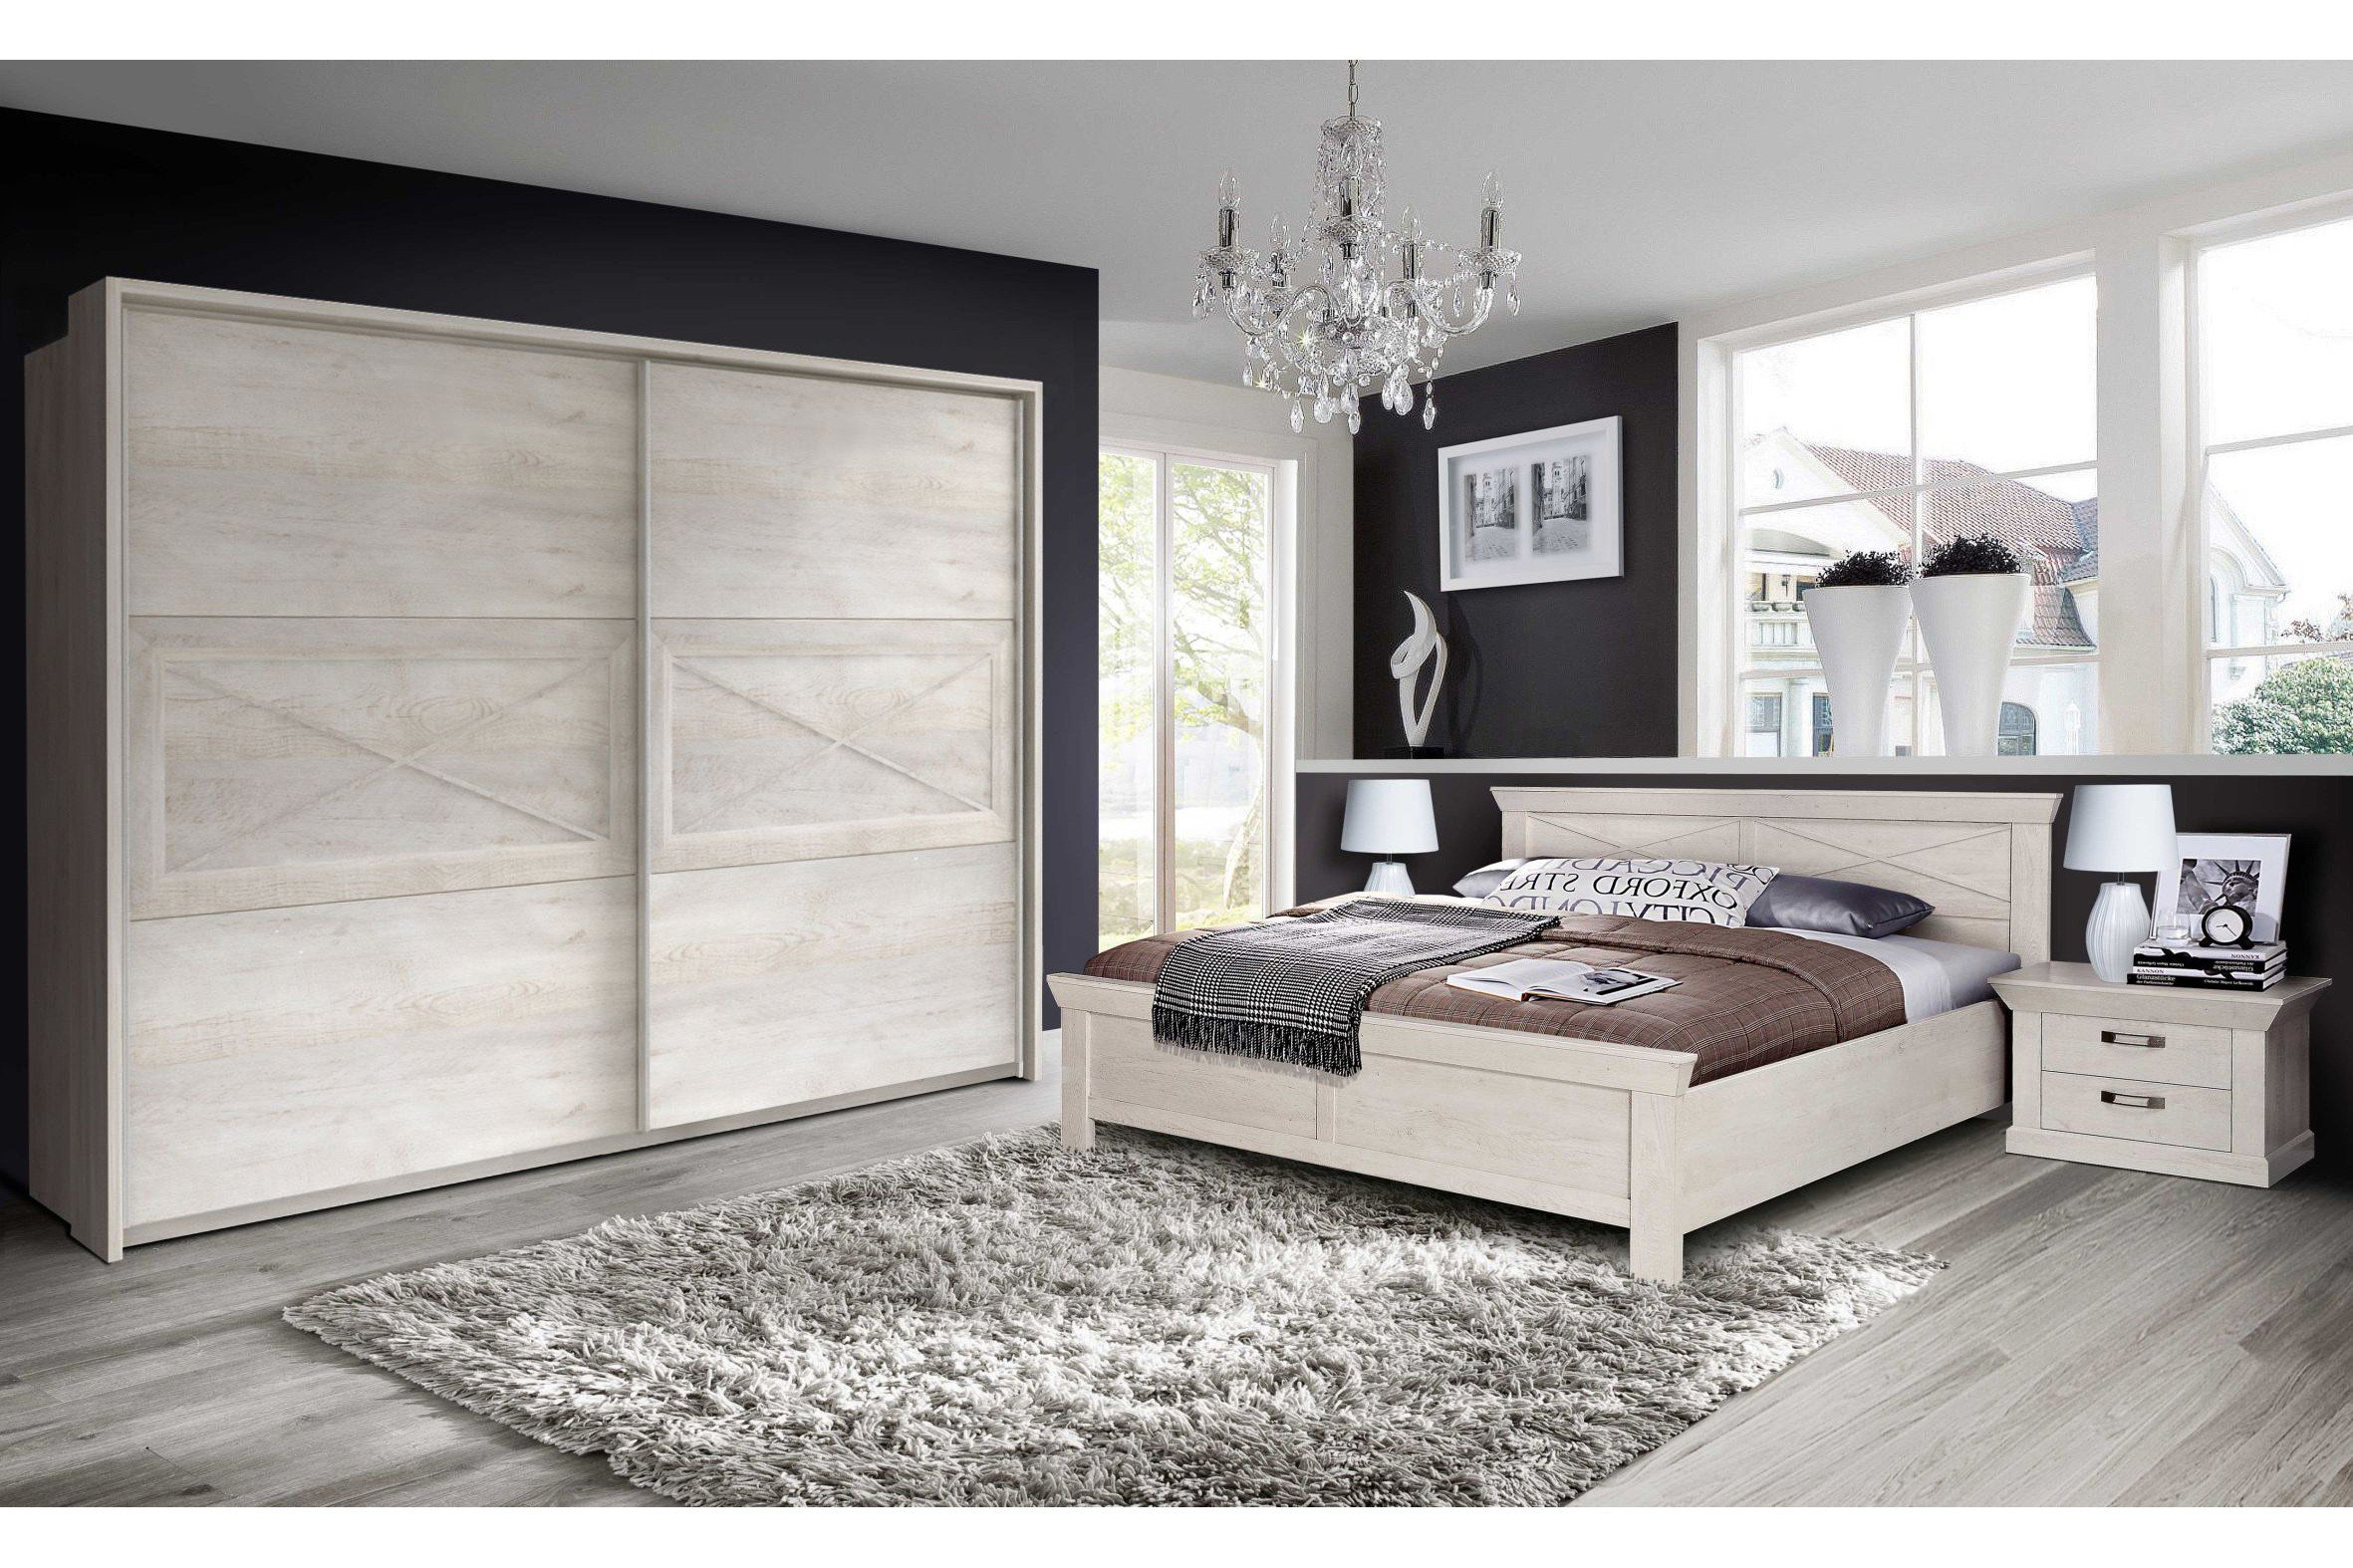 Forte Schlafzimmer Landhaus-Stil Kashmir | Möbel Letz - Ihr Online ...